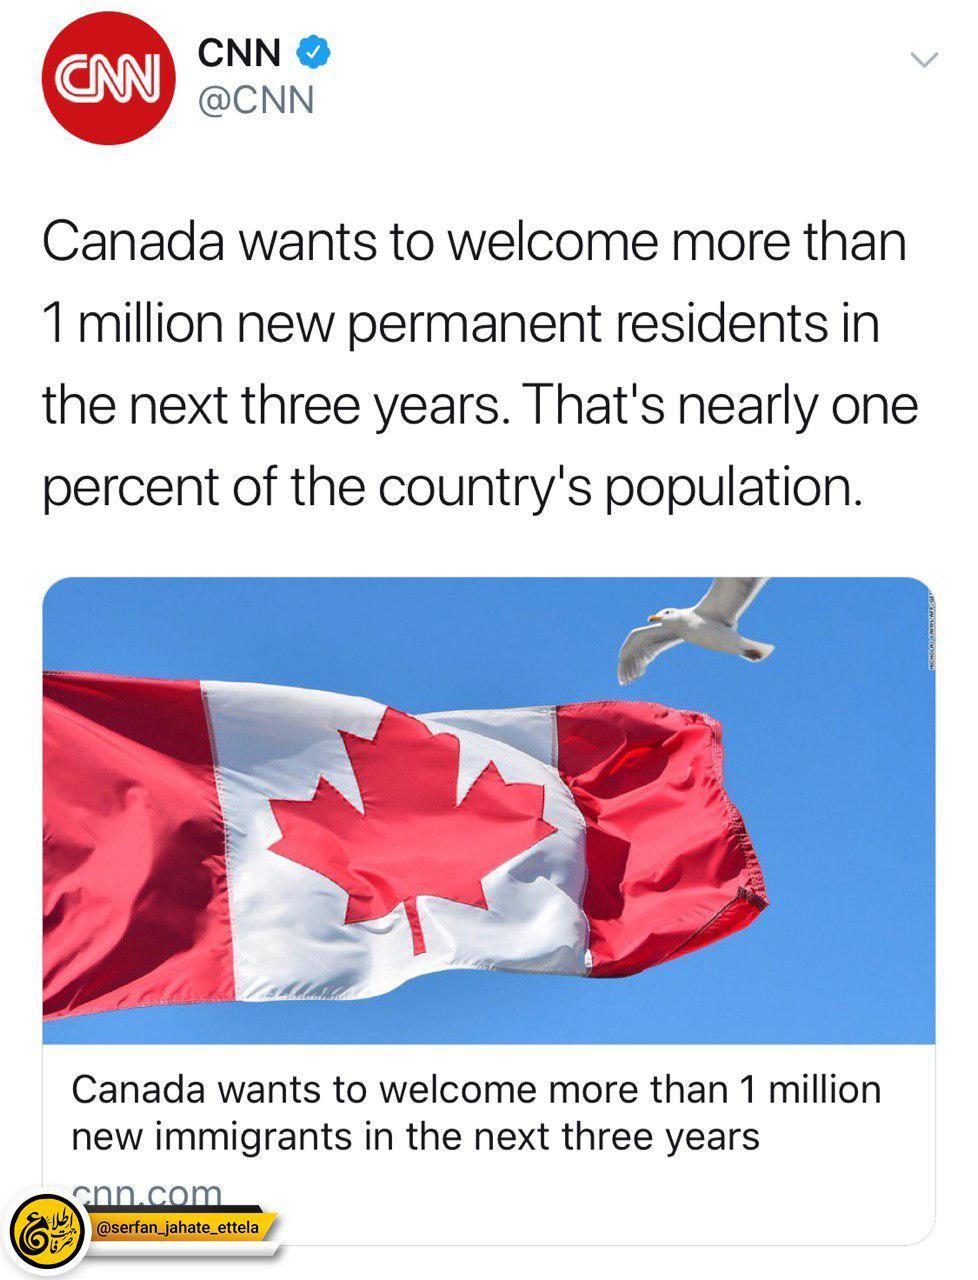 پذیرش ١ میلیون نفر به صورت اقامت دائم در کانادا تا ٣ سال آینده